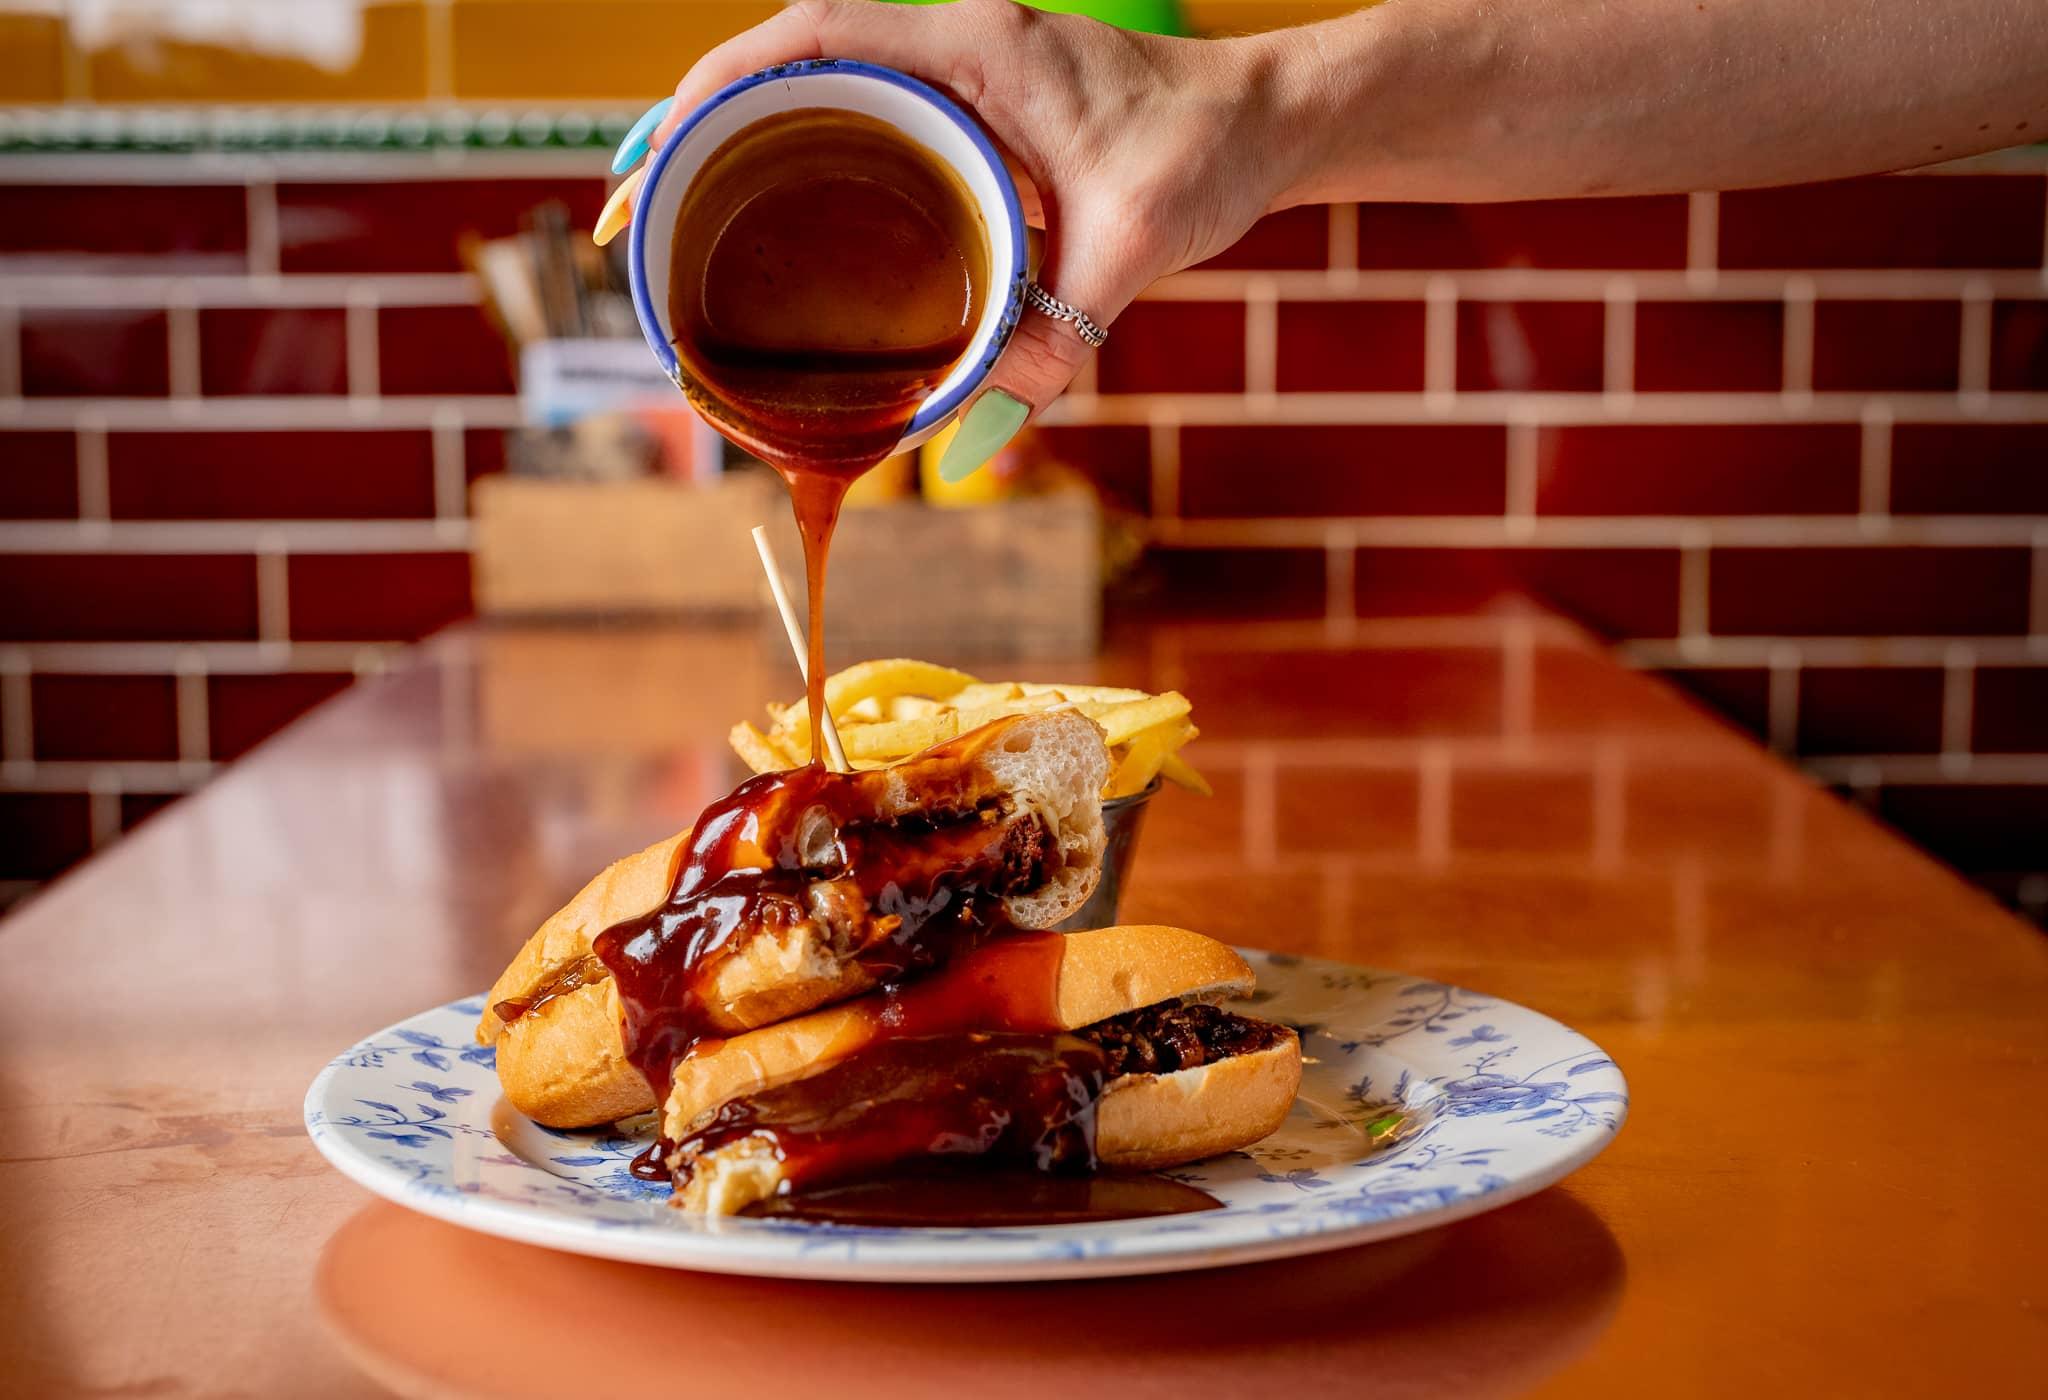 Sandwich & Fries Lunch Restaurant Camden